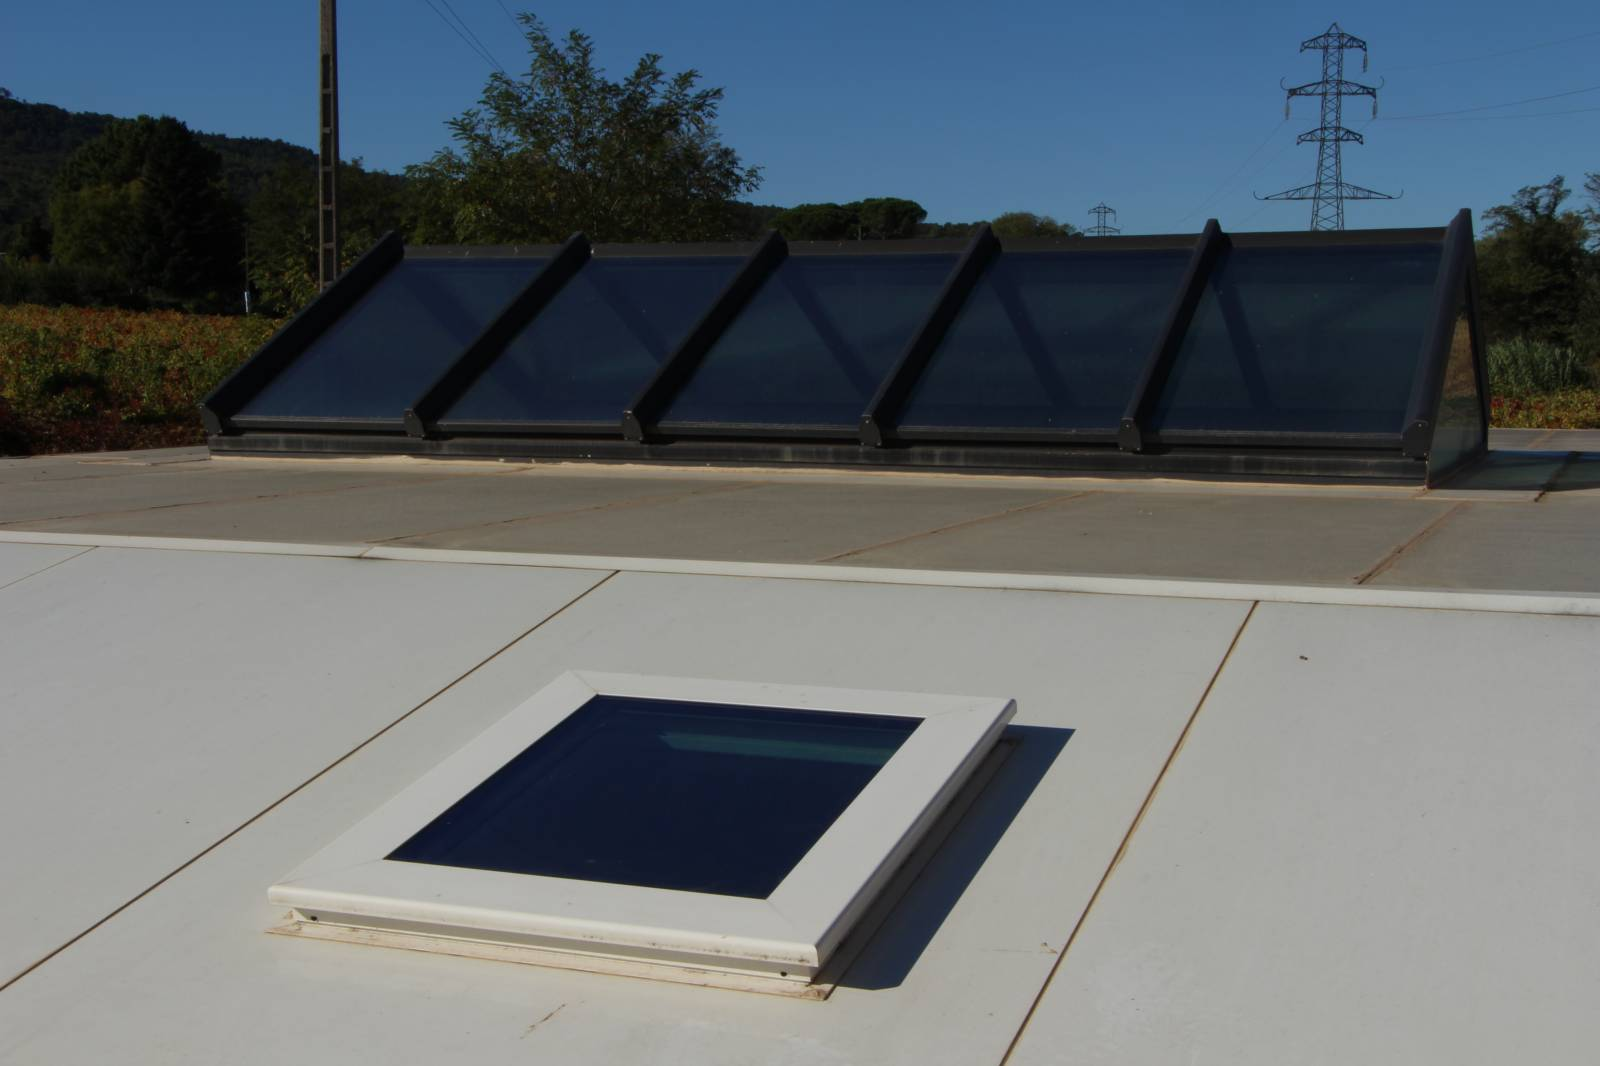 Fournisseur de fenêtre de toit avec capteur de pluie Marseille 13 - FENTOP